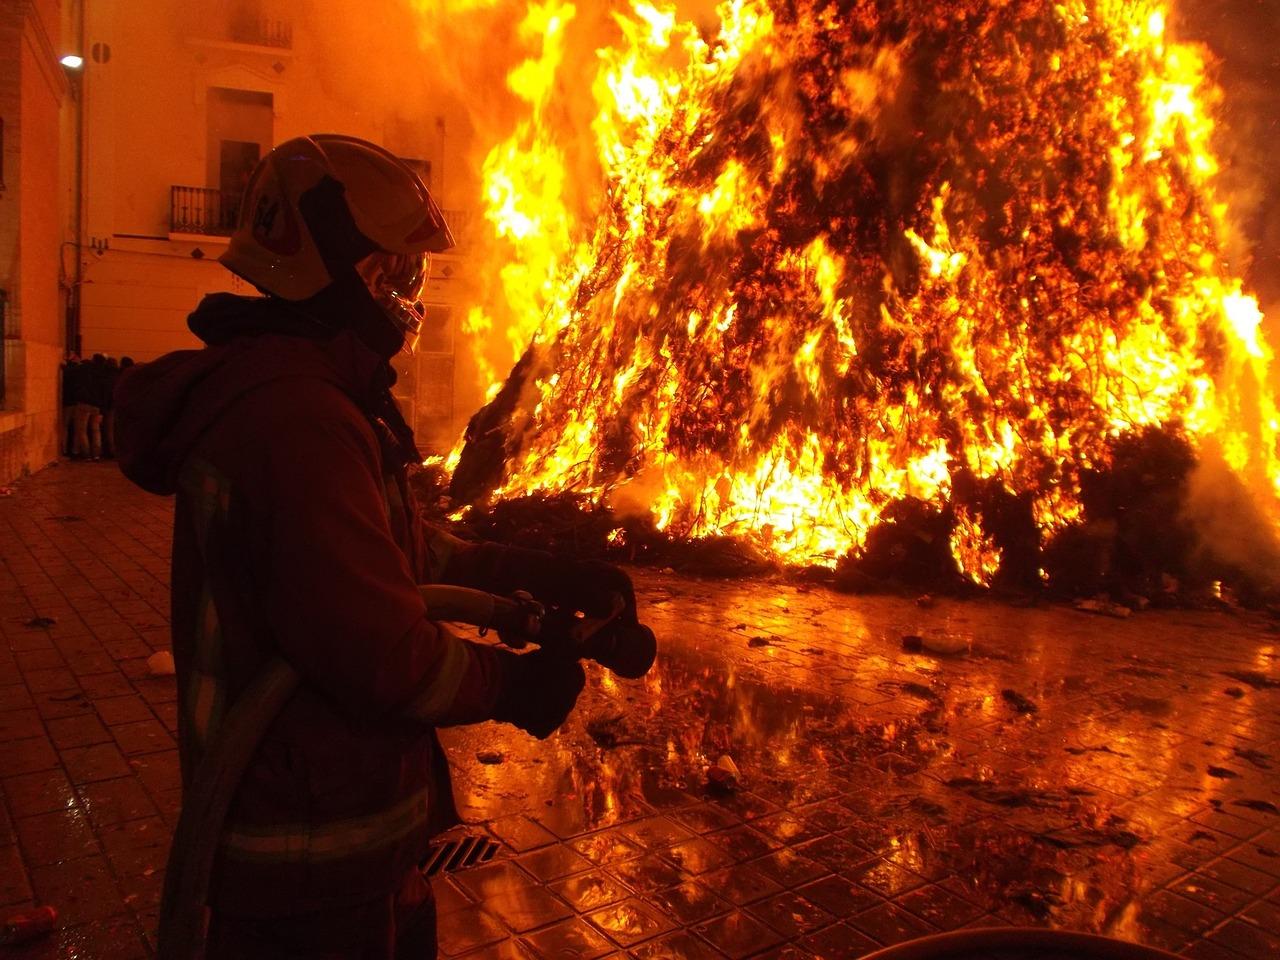 Duque anuncia ayuda humanitaria para damnificados por incendio en Montería